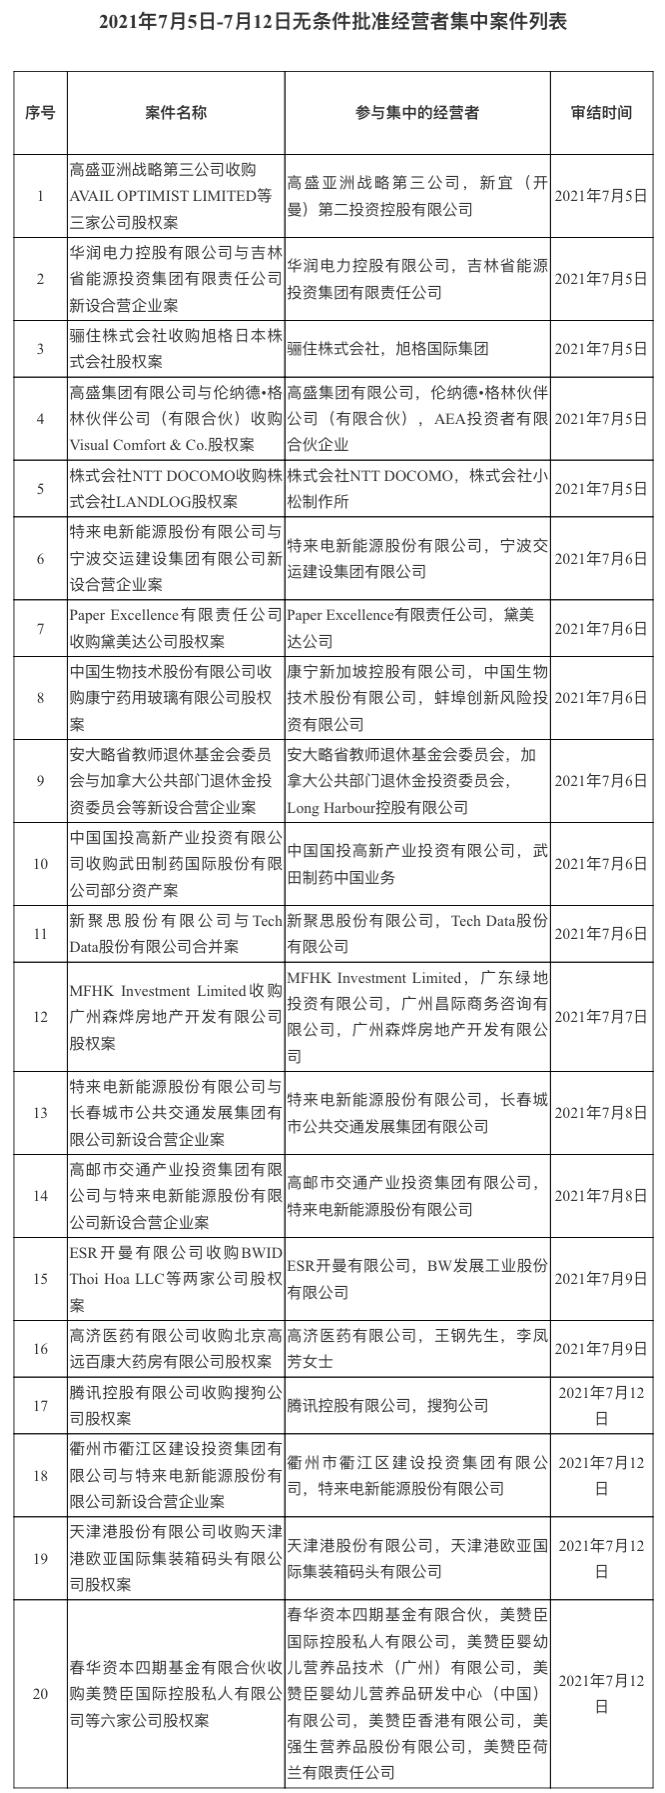 市场监管总局:已无条件批准腾讯控股有限公司收购搜狗公司股权